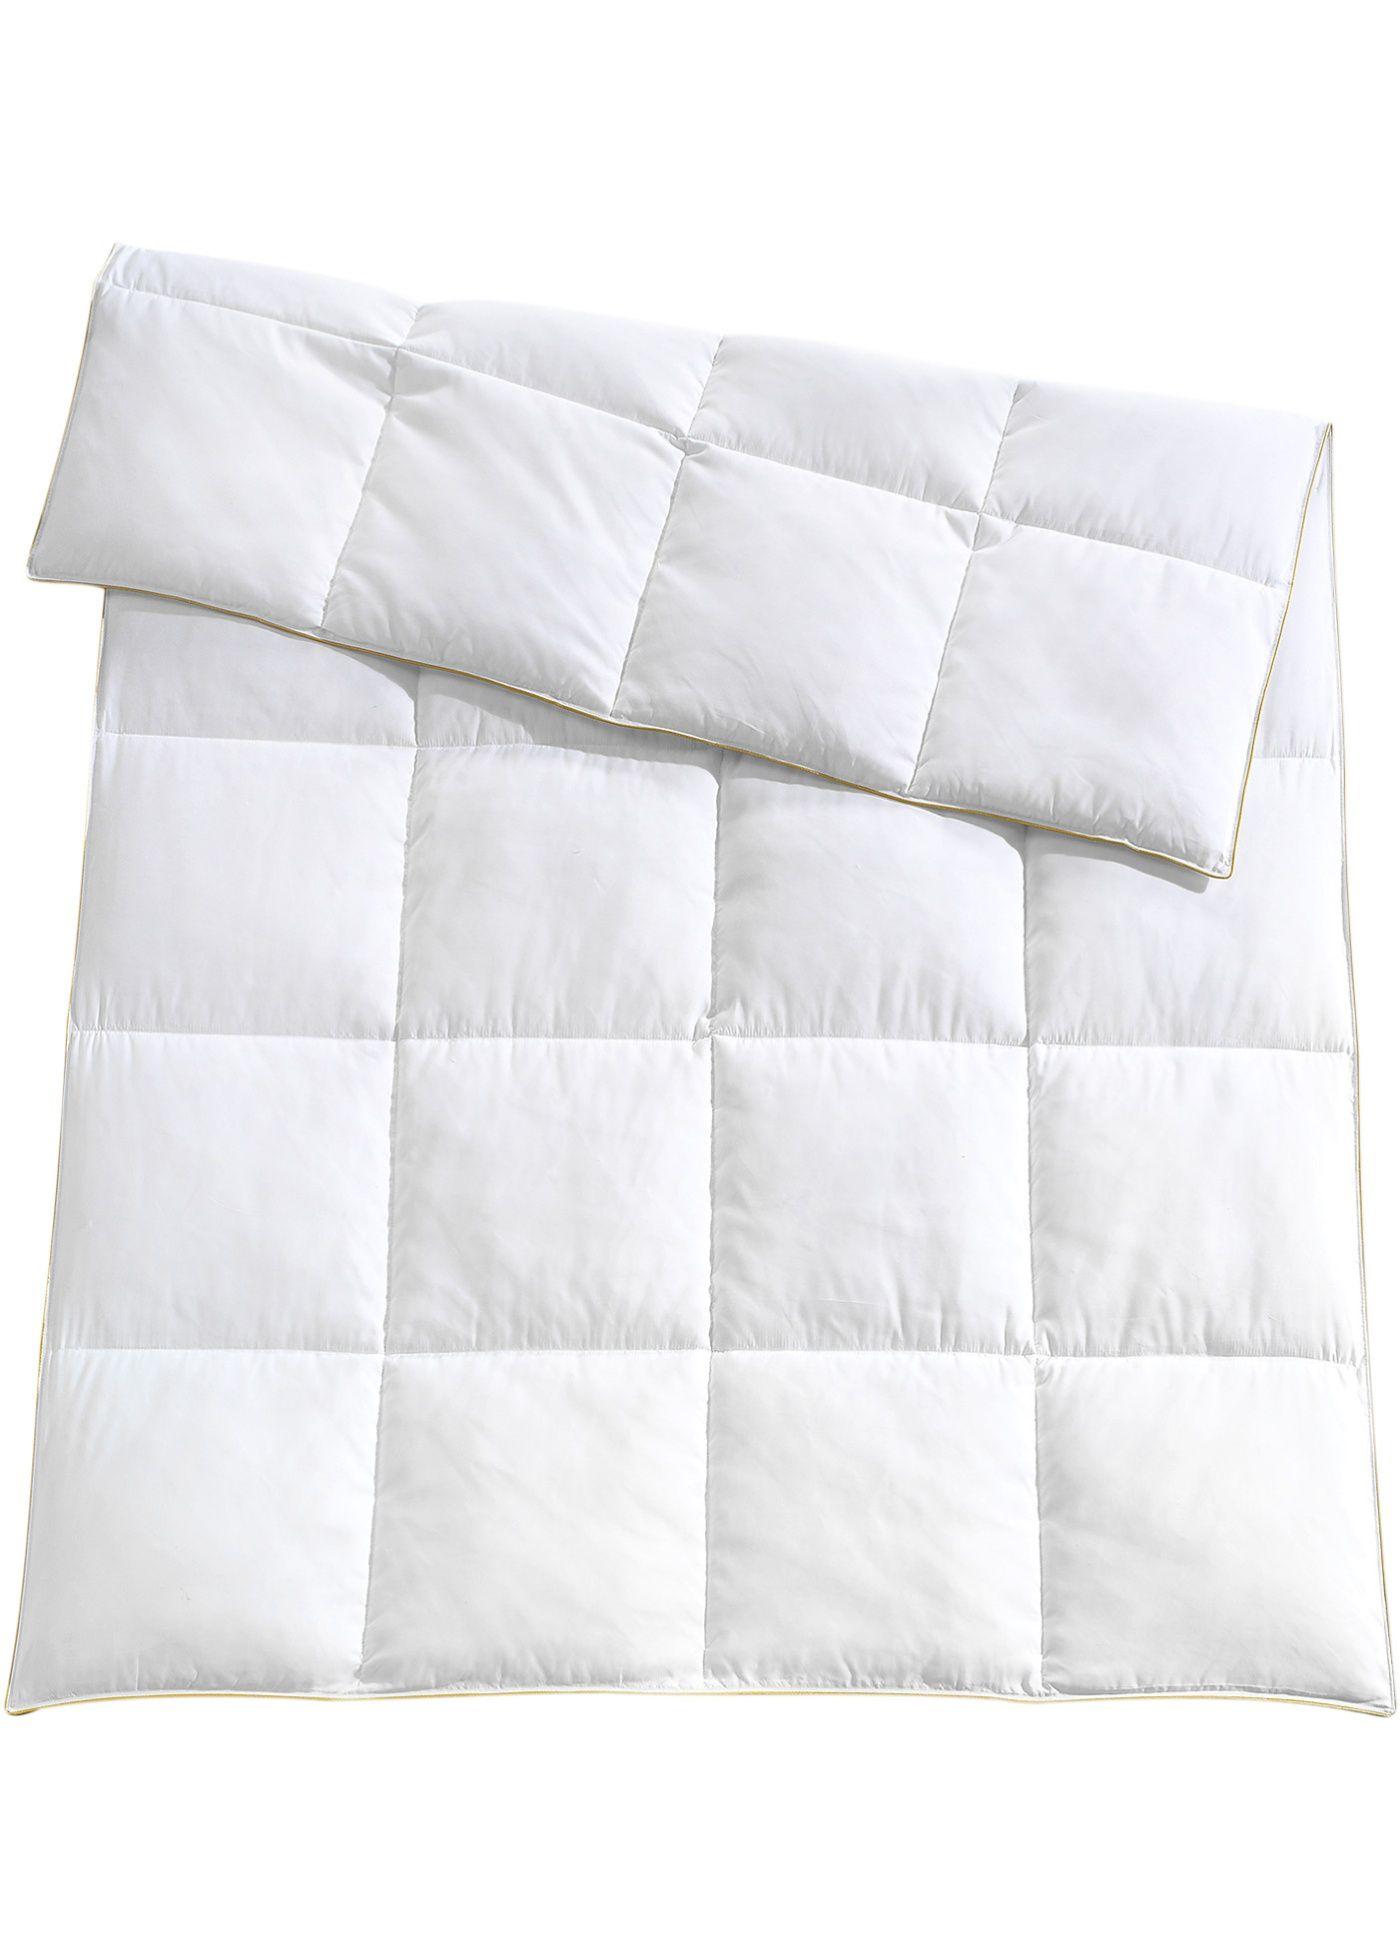 Microfaser Bettdecke Mit Daunen Touch Bettdecke Luxusbettwasche